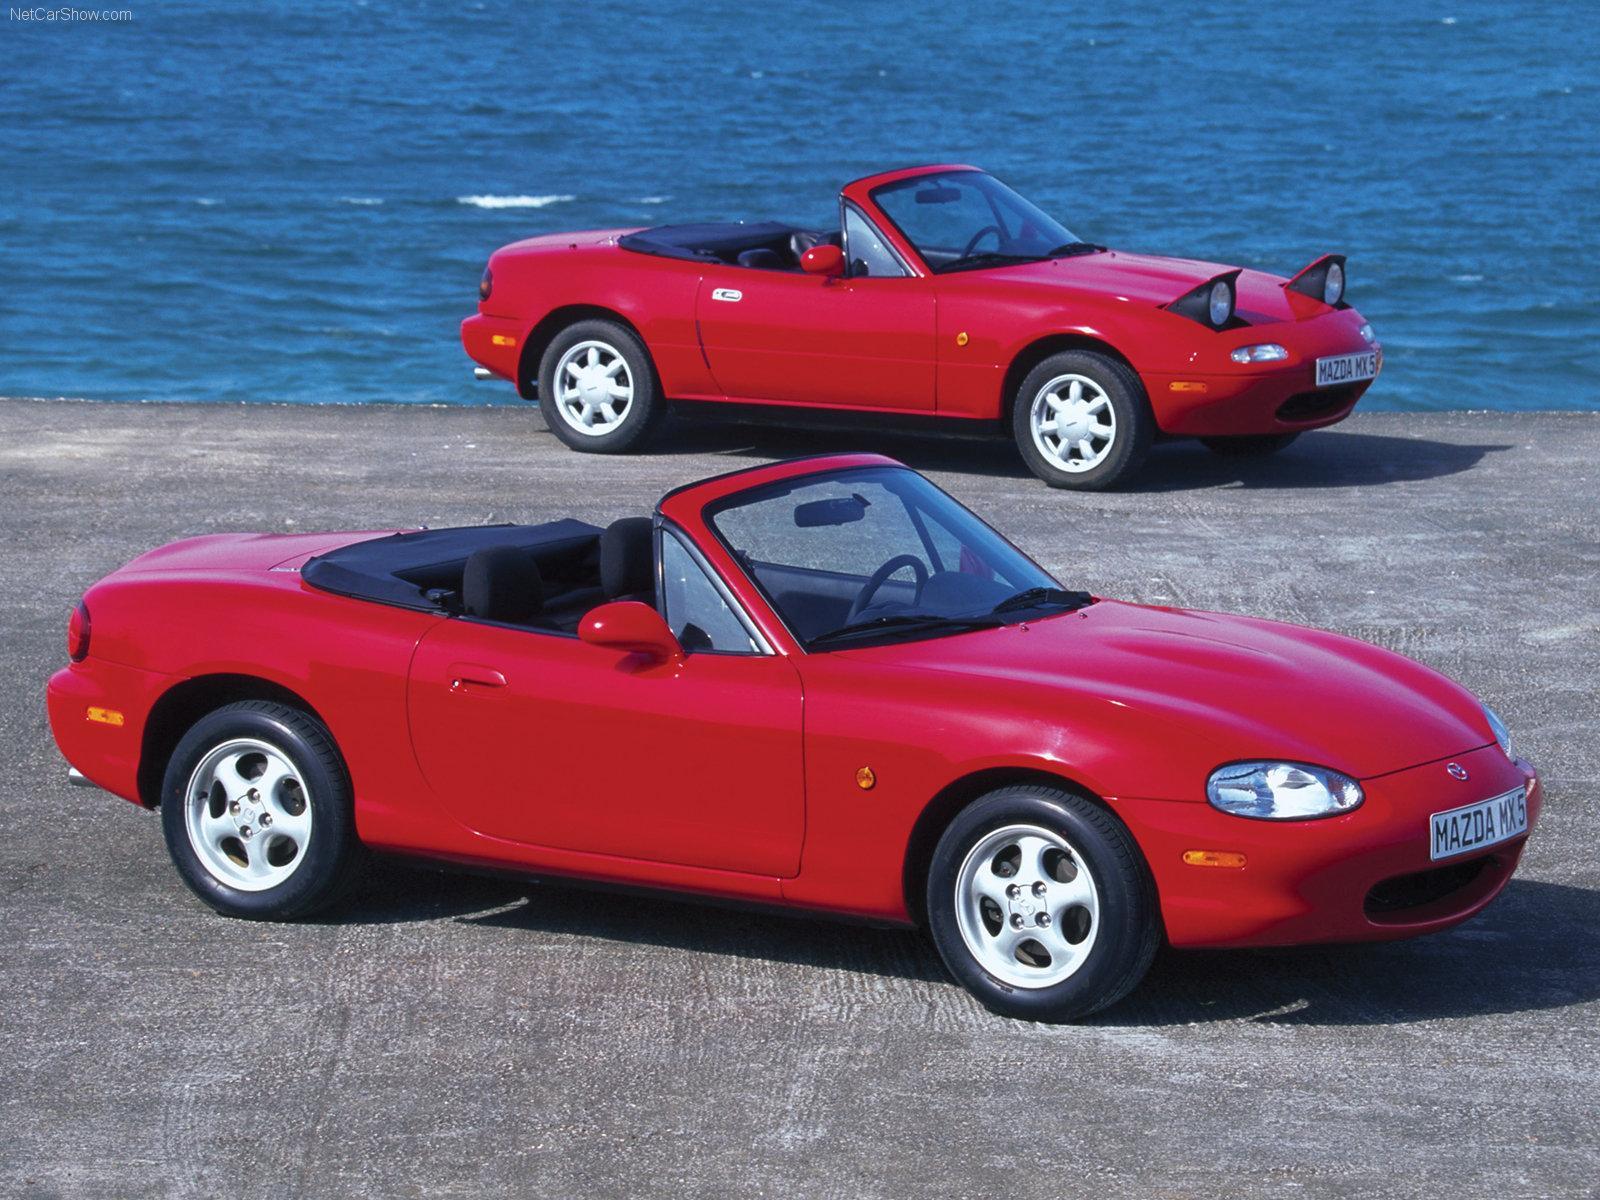 Mazda Miata MX-5 NB